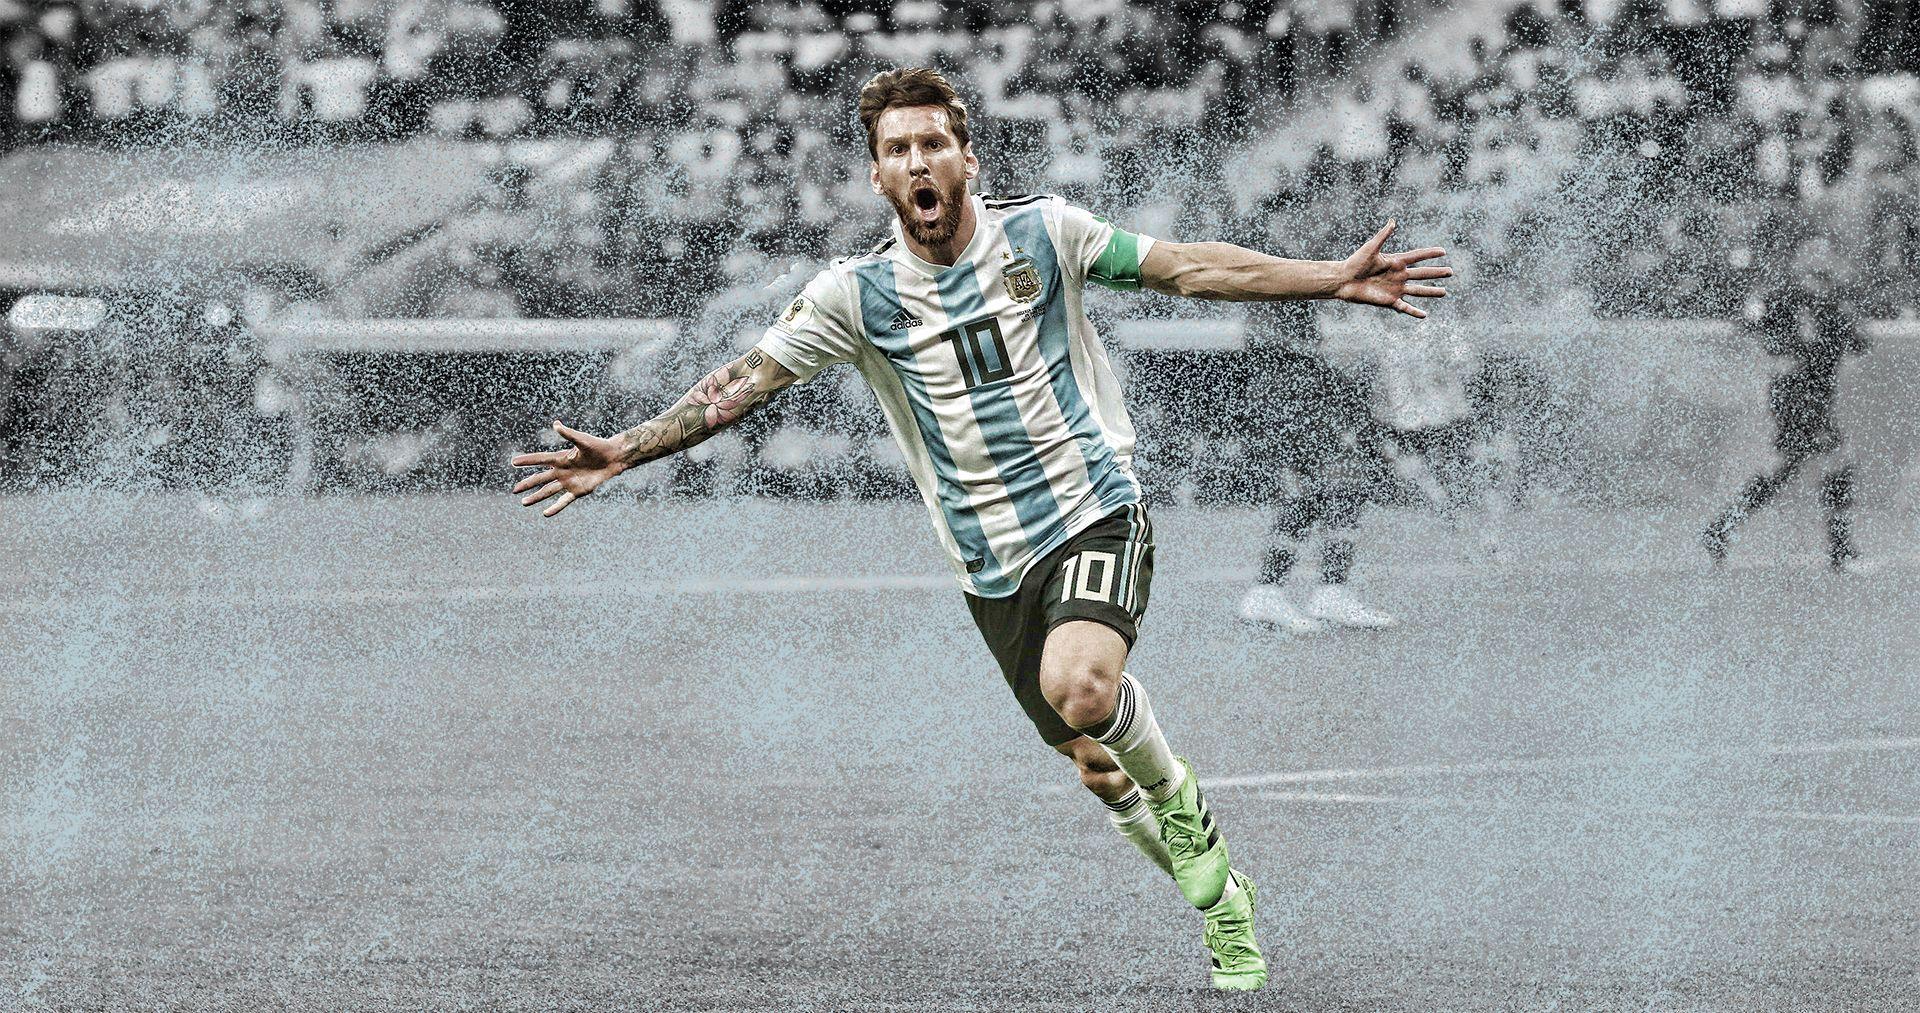 Design Football Wallpaper Iphone 4k Neymar Ronaldo Salah Mbappe Football Wallpaper Football Wallpaper Iphone Lionel Messi